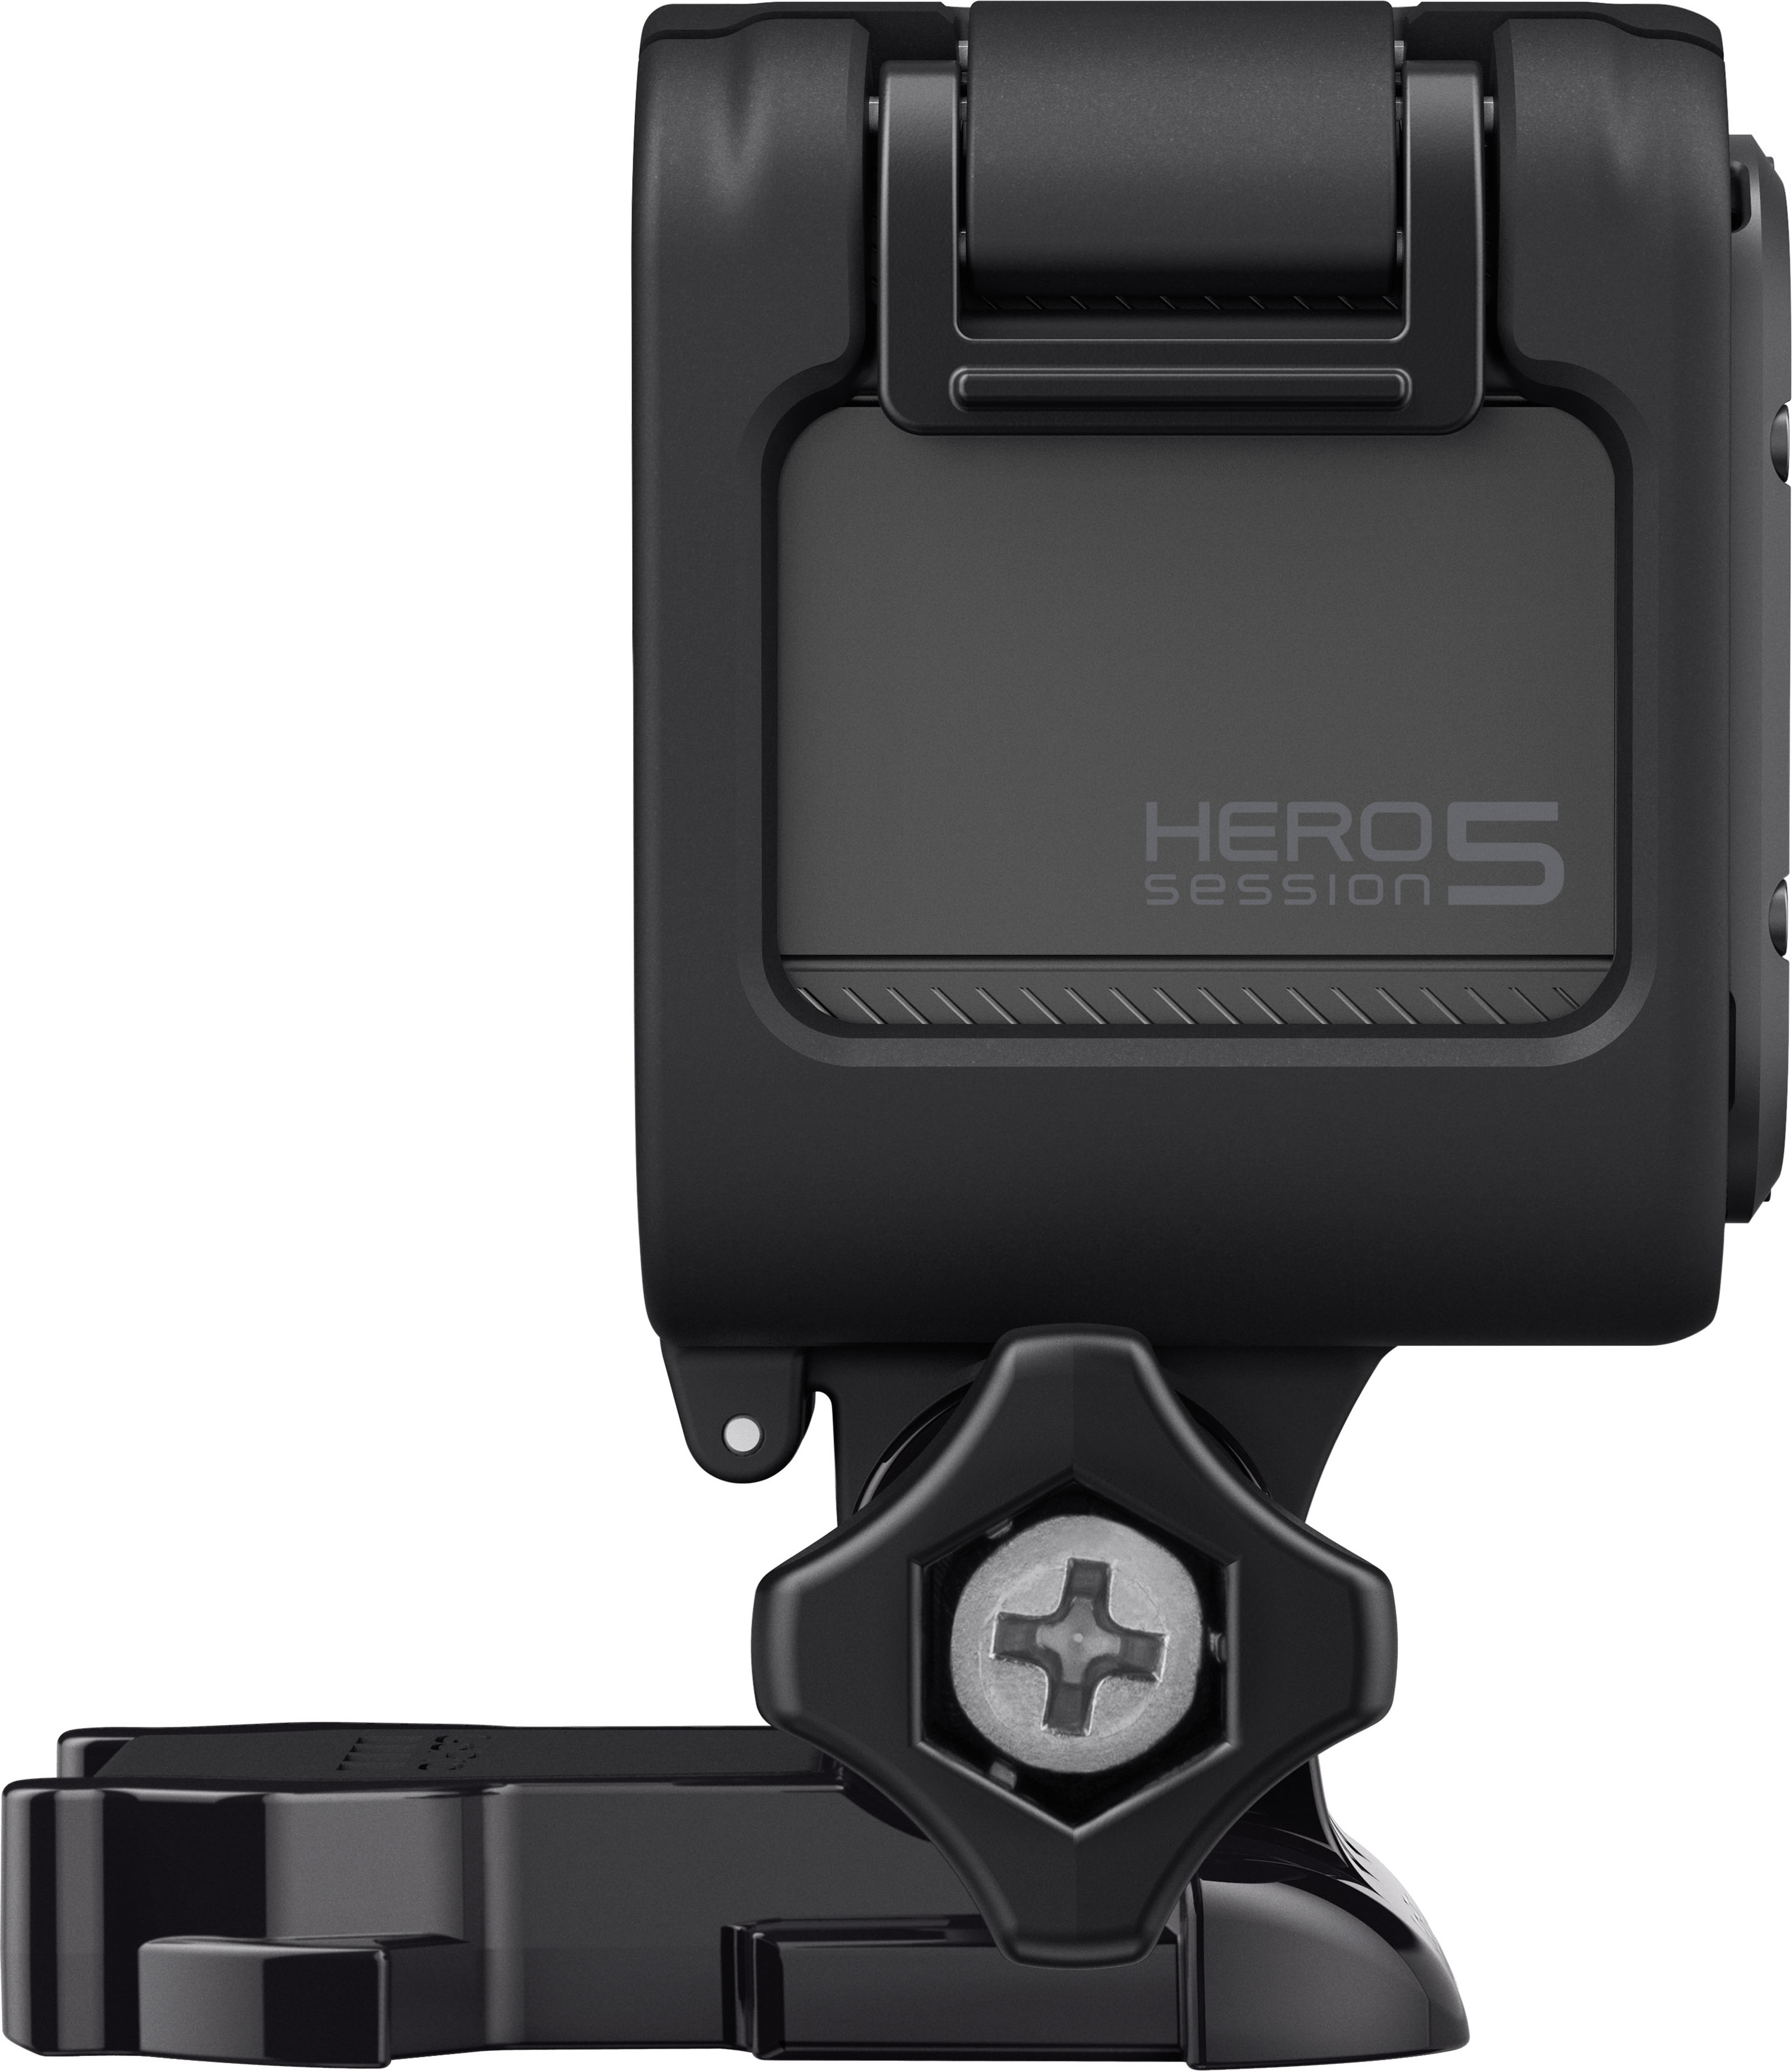 gopro hero5 session la plus petite des cam ras d 39 action. Black Bedroom Furniture Sets. Home Design Ideas